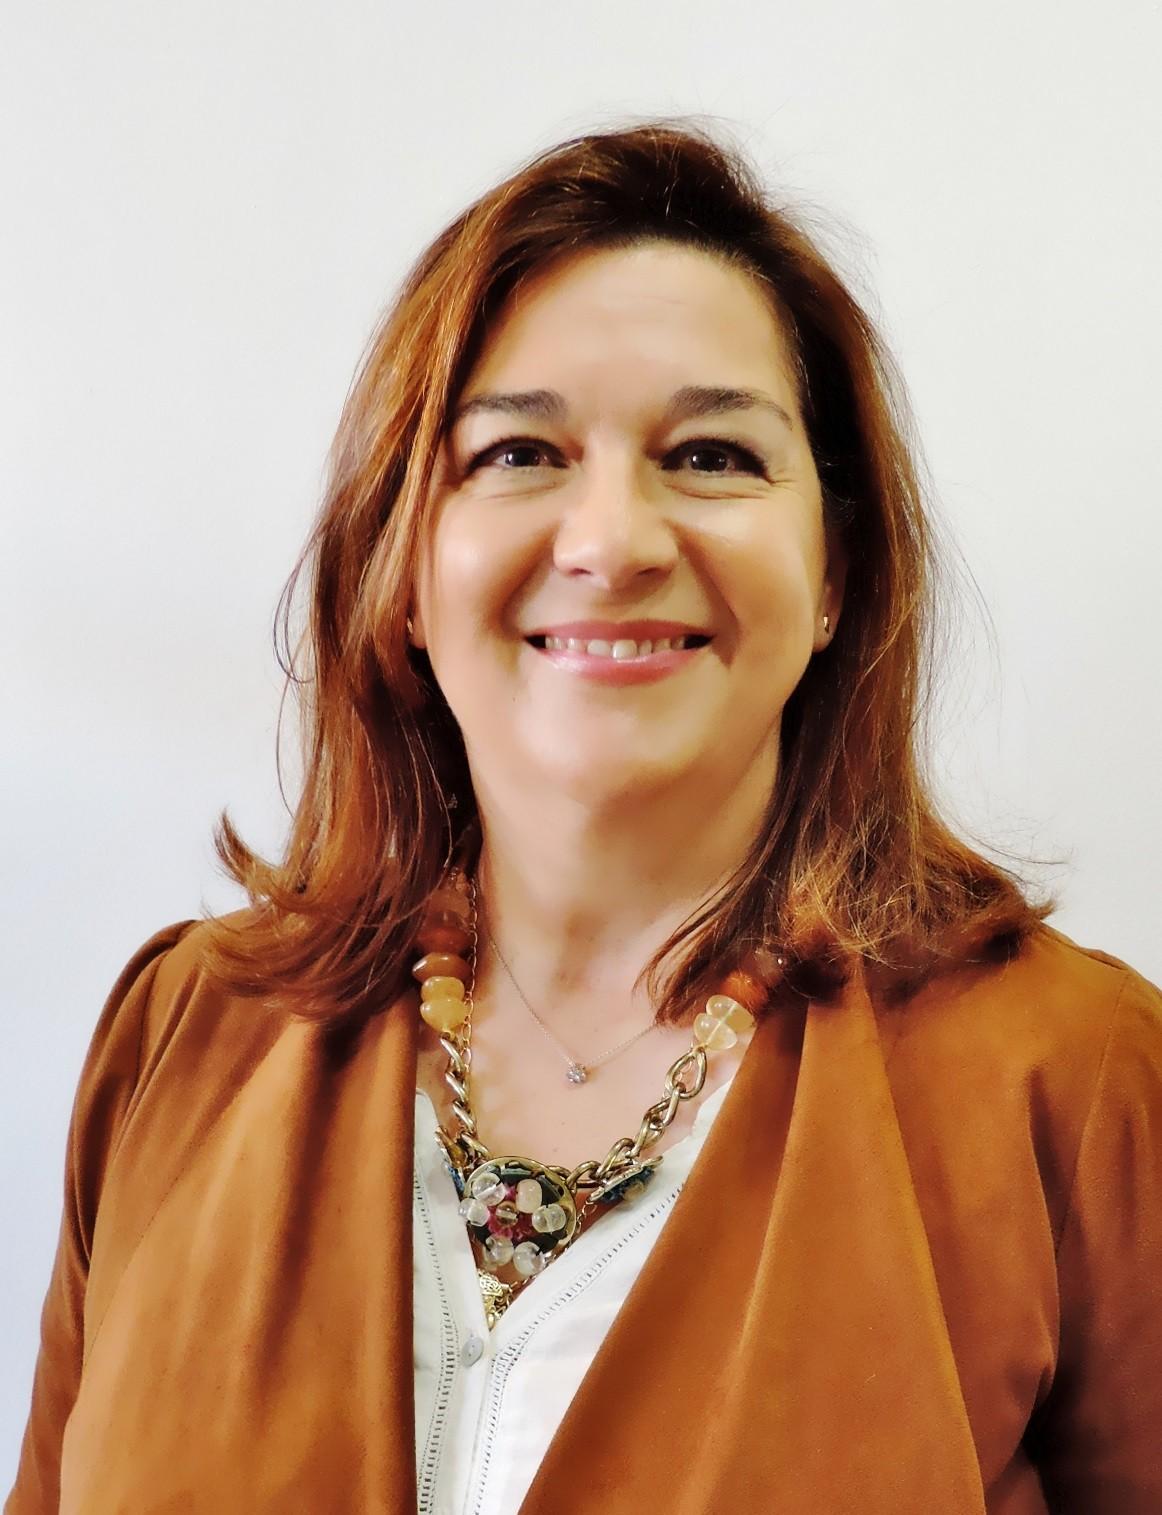 Ana Isabel Ojea Perojo